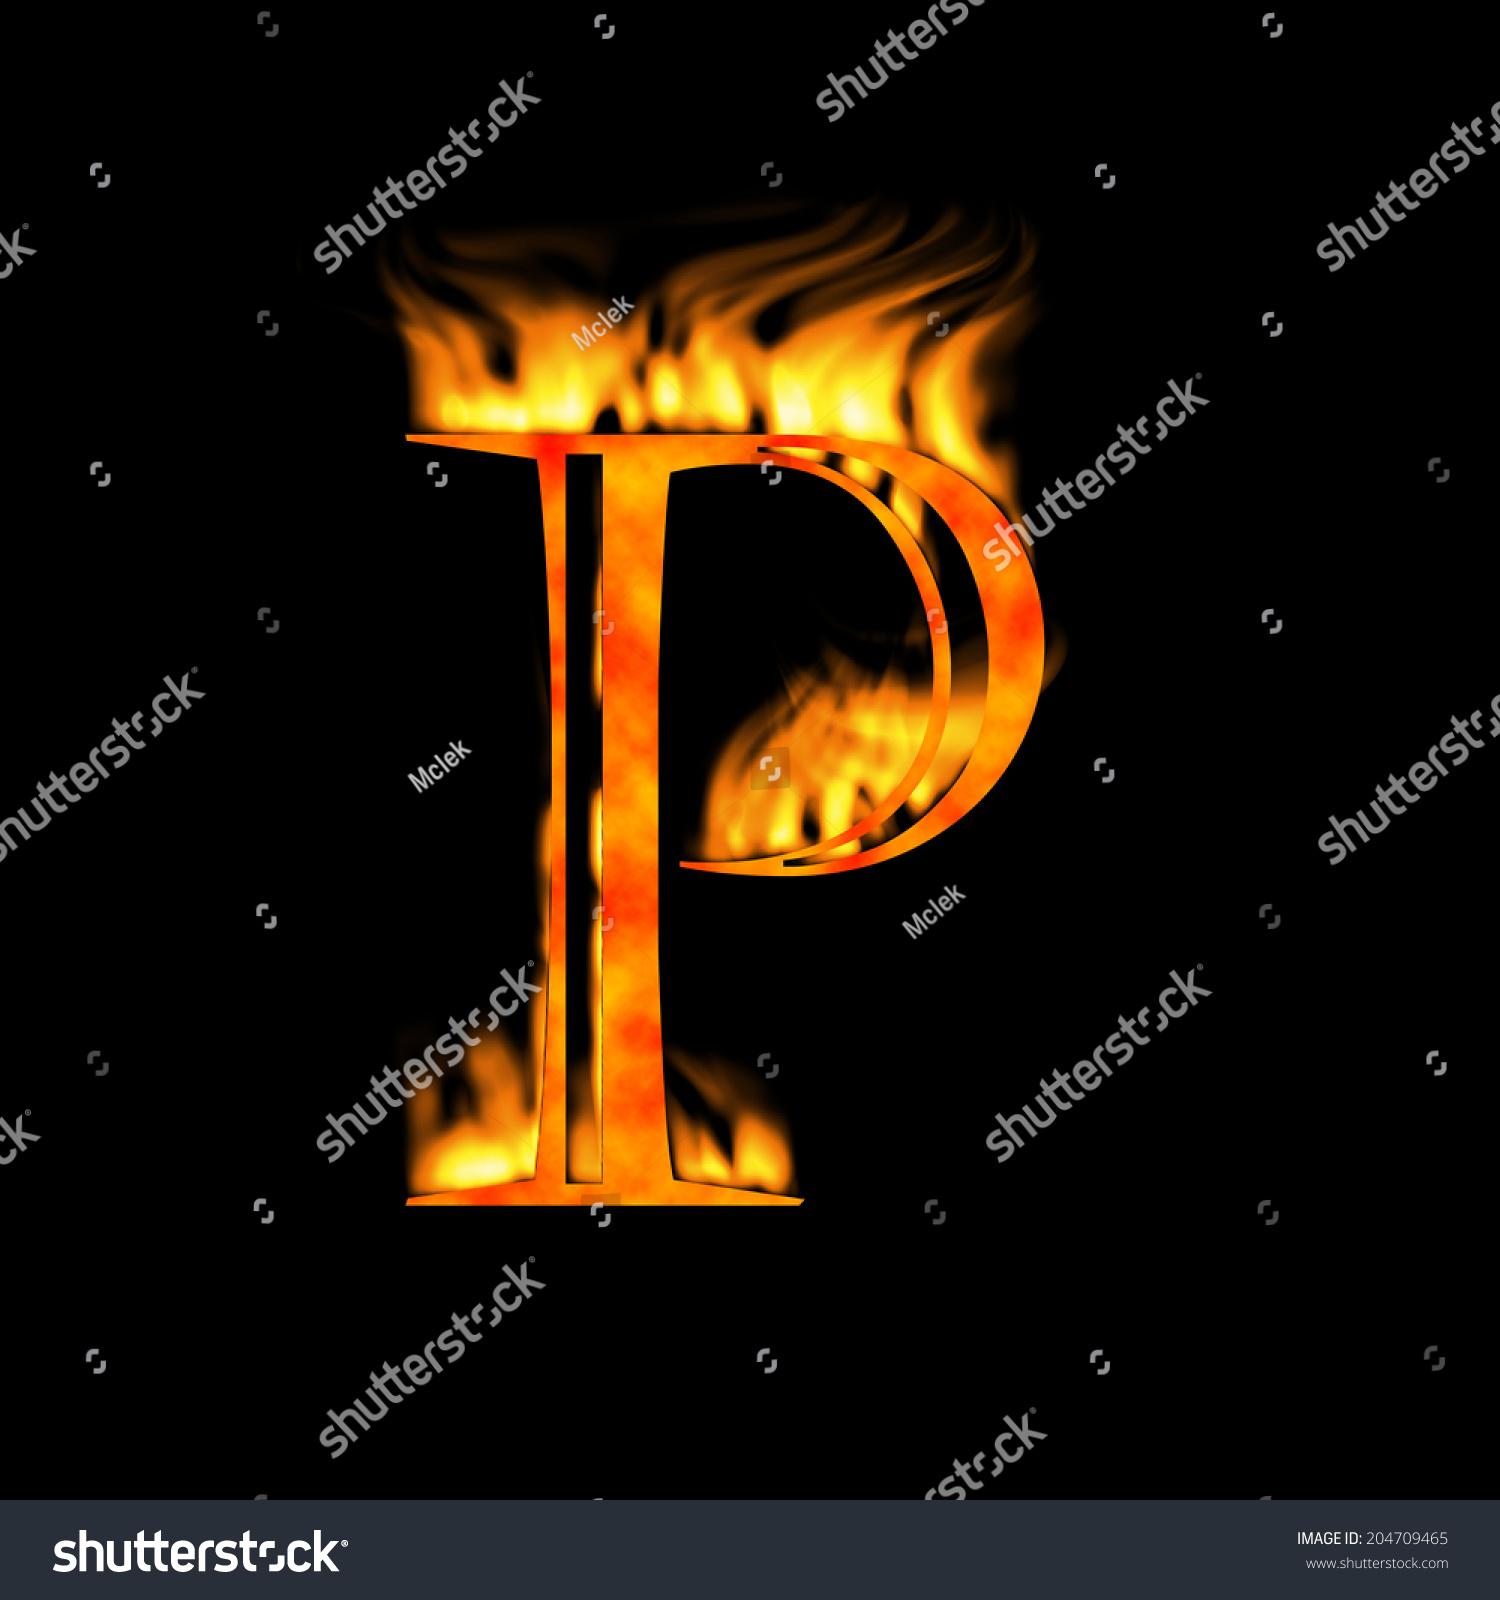 Letter P Letter Symbol Fire Alphabet Stock Illustration 204709465